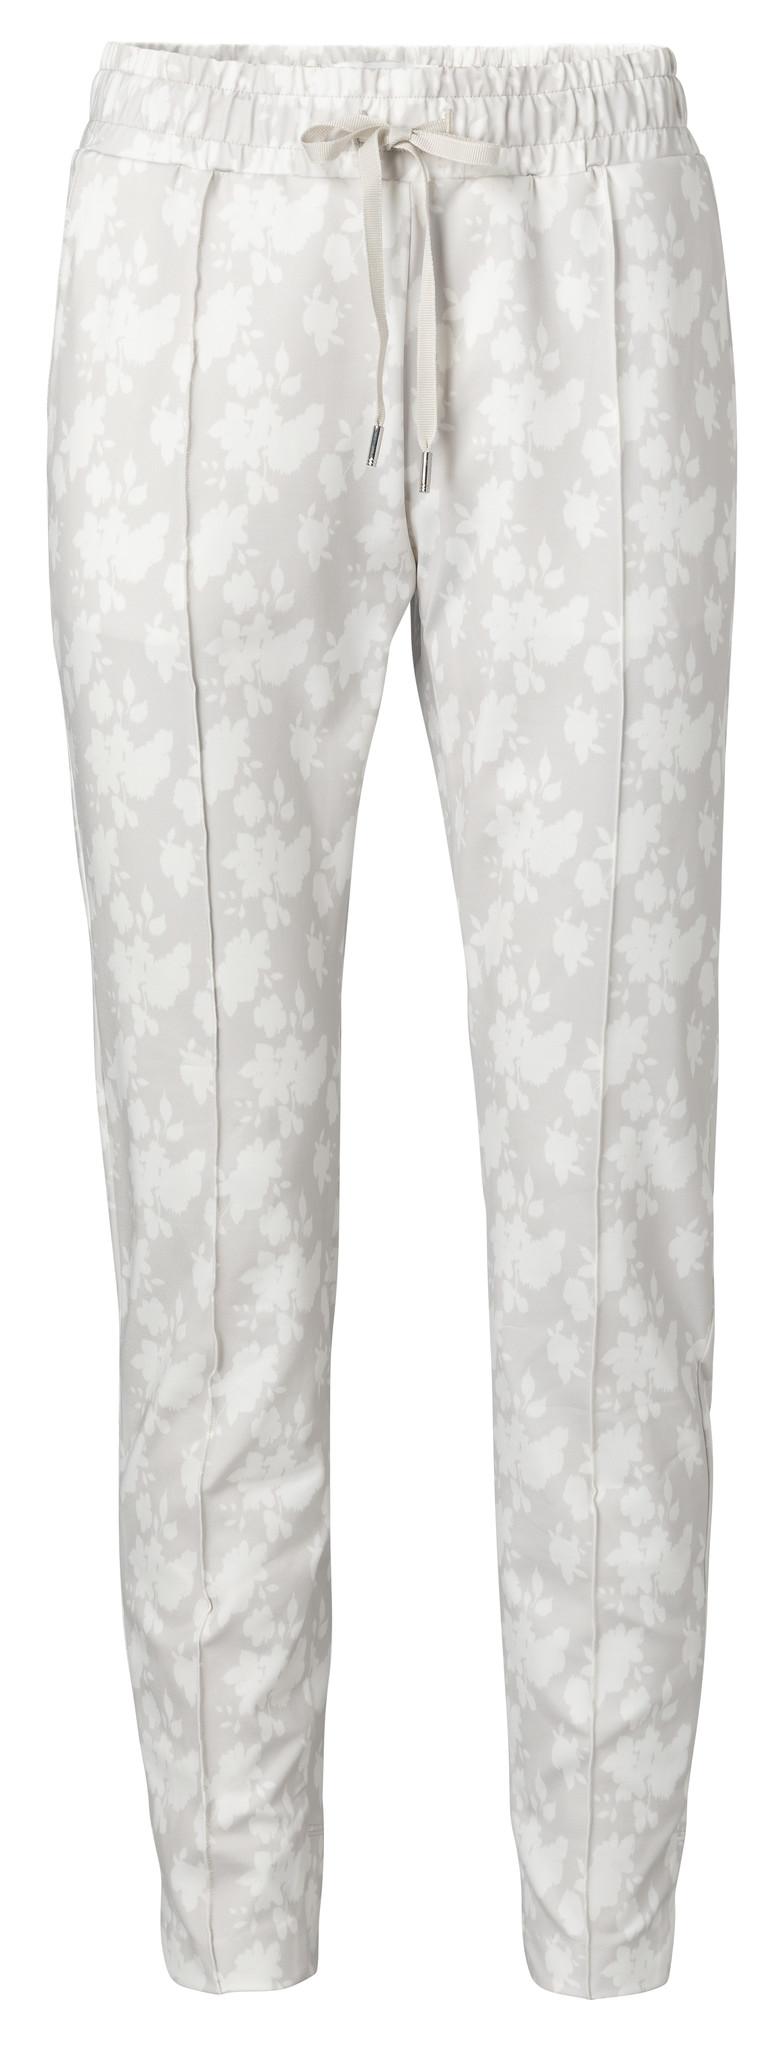 yaya Jogger pants with fl 1209183-014-1